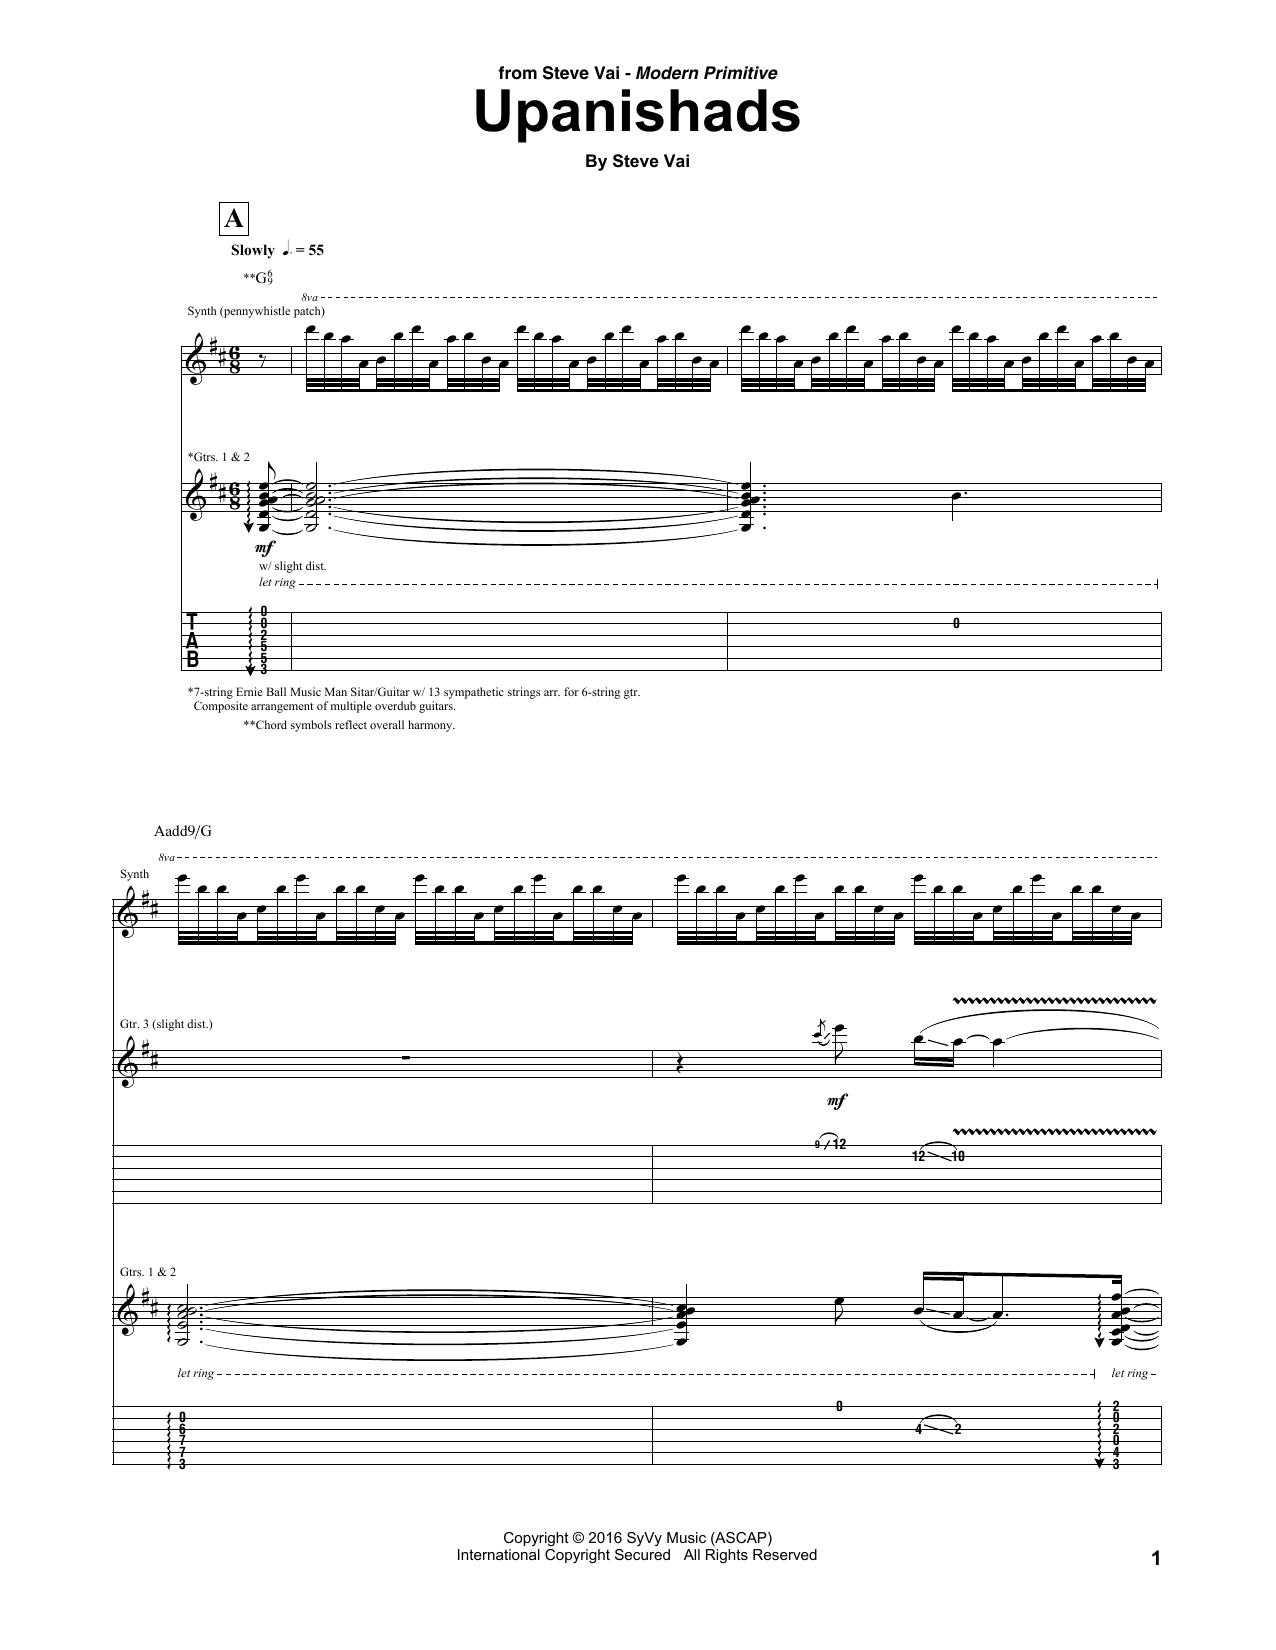 Upanishads Sheet Music